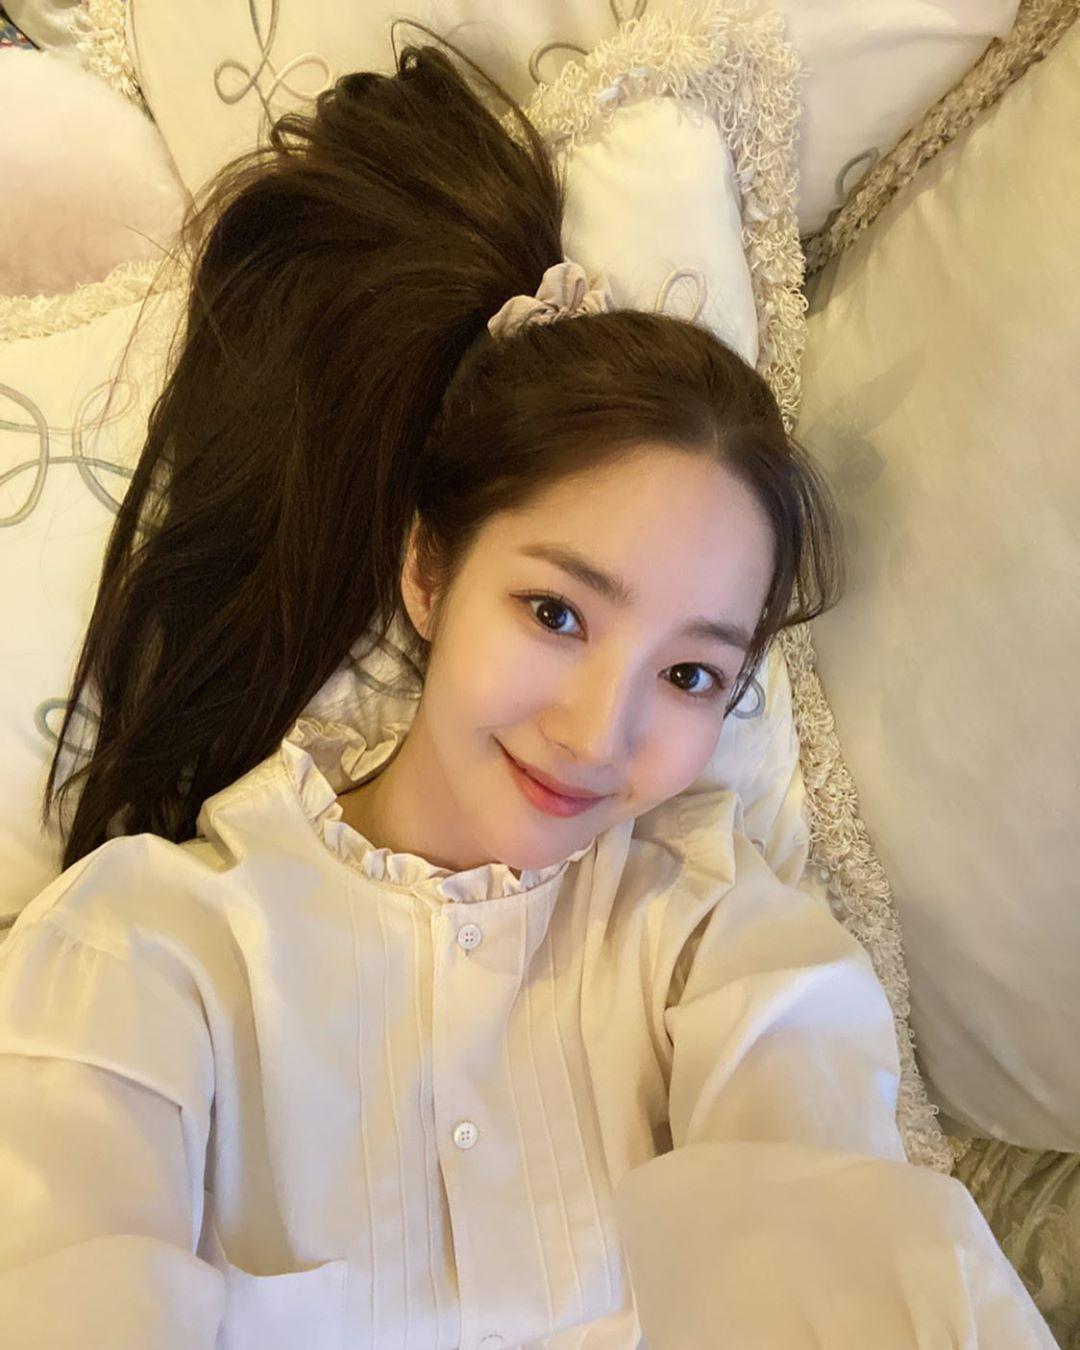 韩国网友票选《有史以来最美韩国女演员》,全智贤居然没进前10名!插图(3)